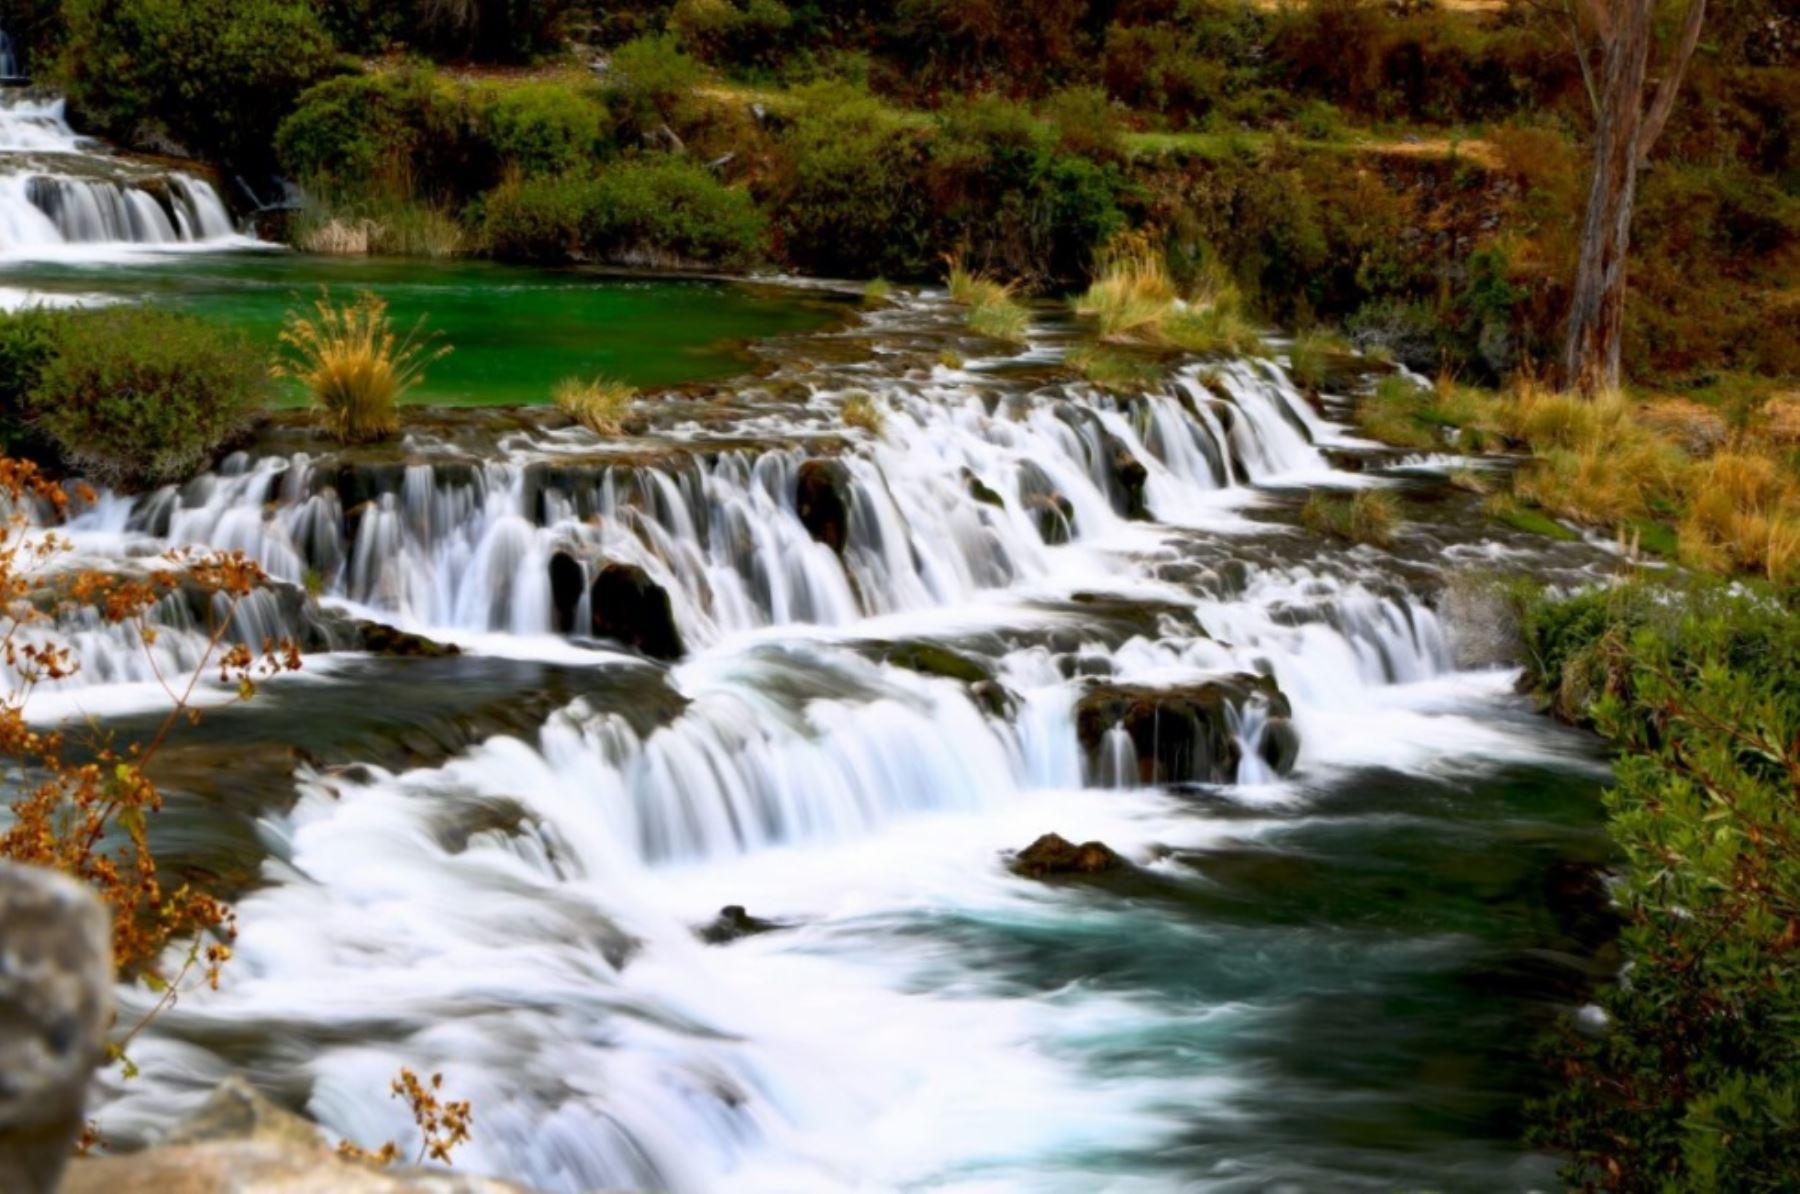 """La iniciativa """"Fábricas de agua"""" cuenta con un fondo concursable de 1 millón de soles para financiar proyectos de conservación de este recurso vital en las zonas altoandinas para así disponer de una mayor cantidad y calidad de agua en valles, centros poblados y ciudades."""